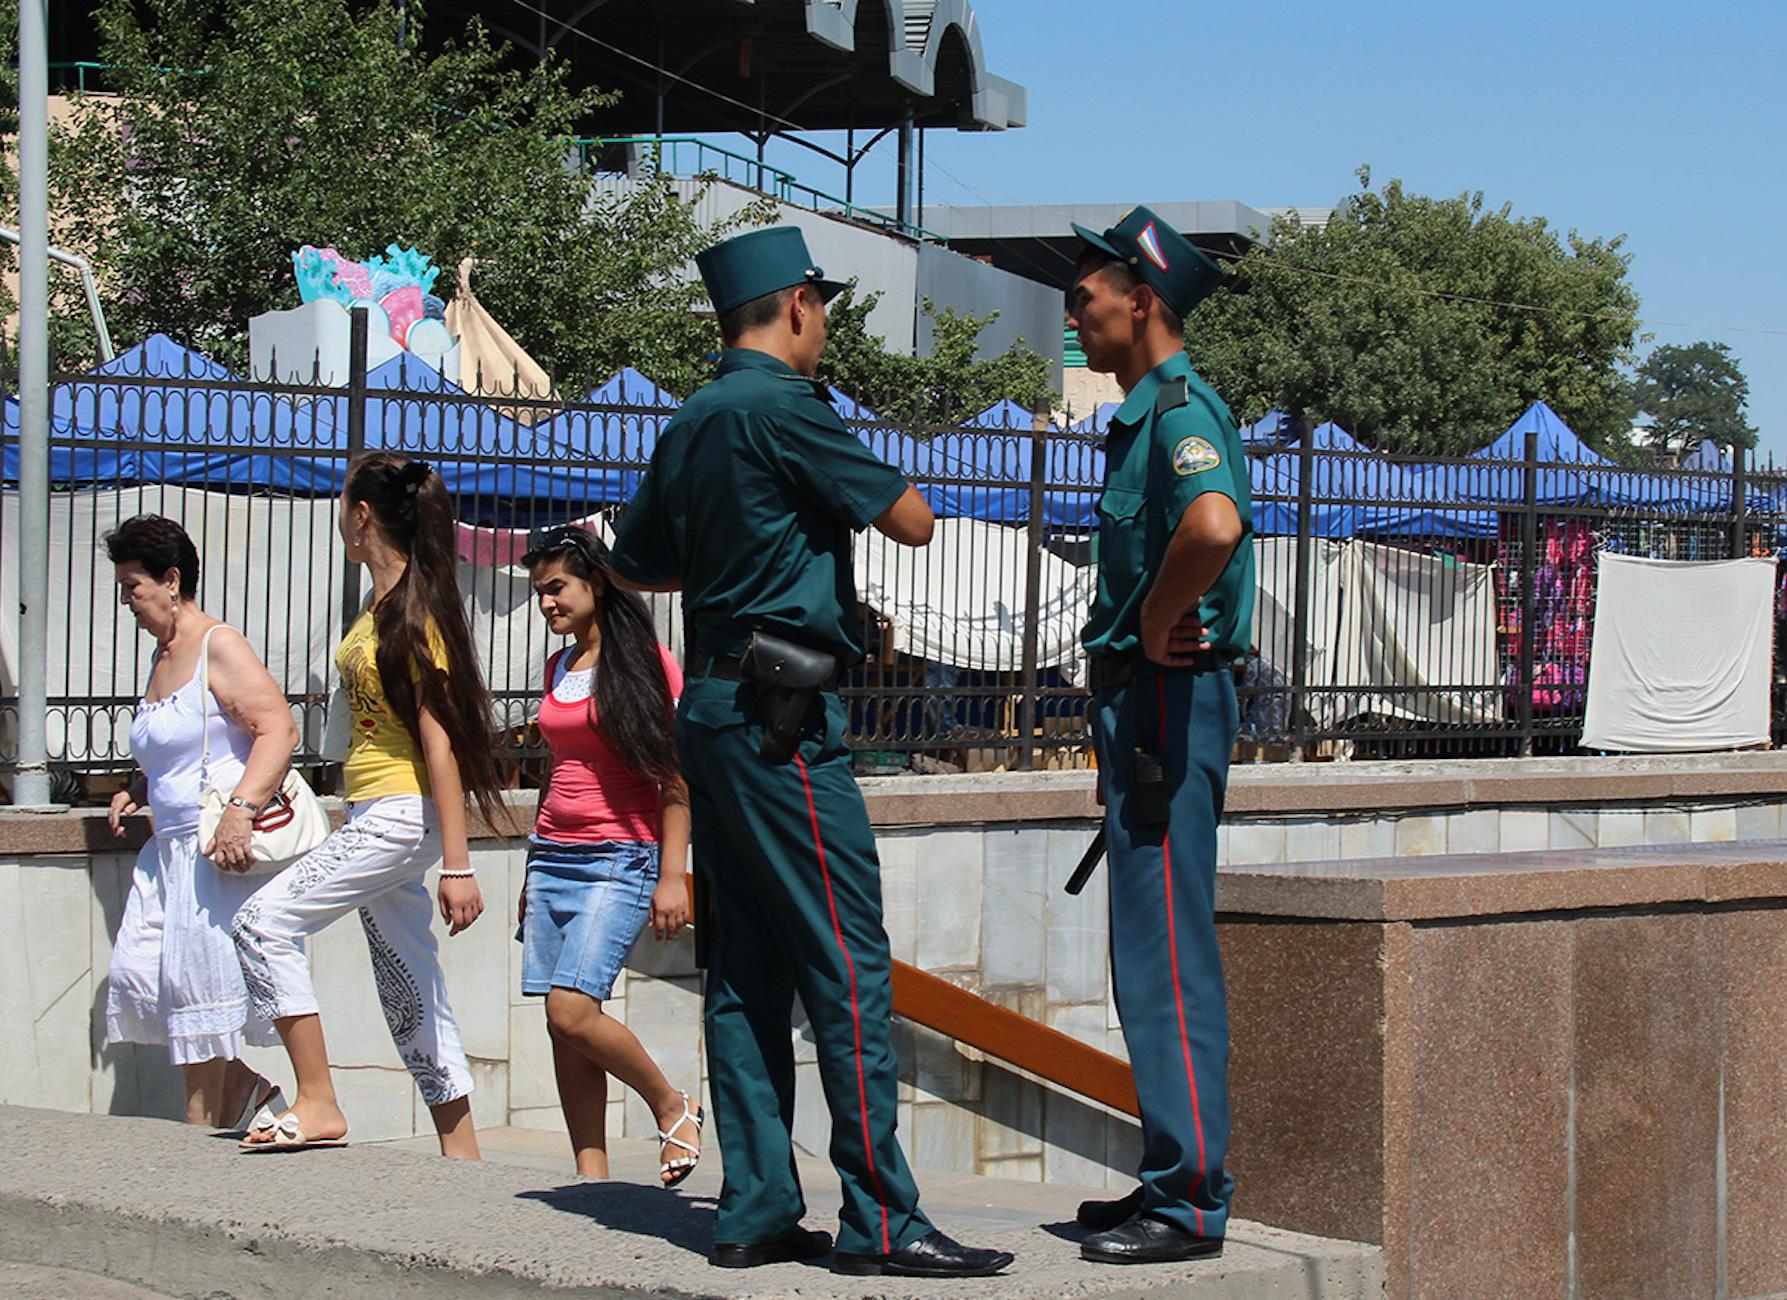 Узбекистан укрепляет репутацию безопасной страны